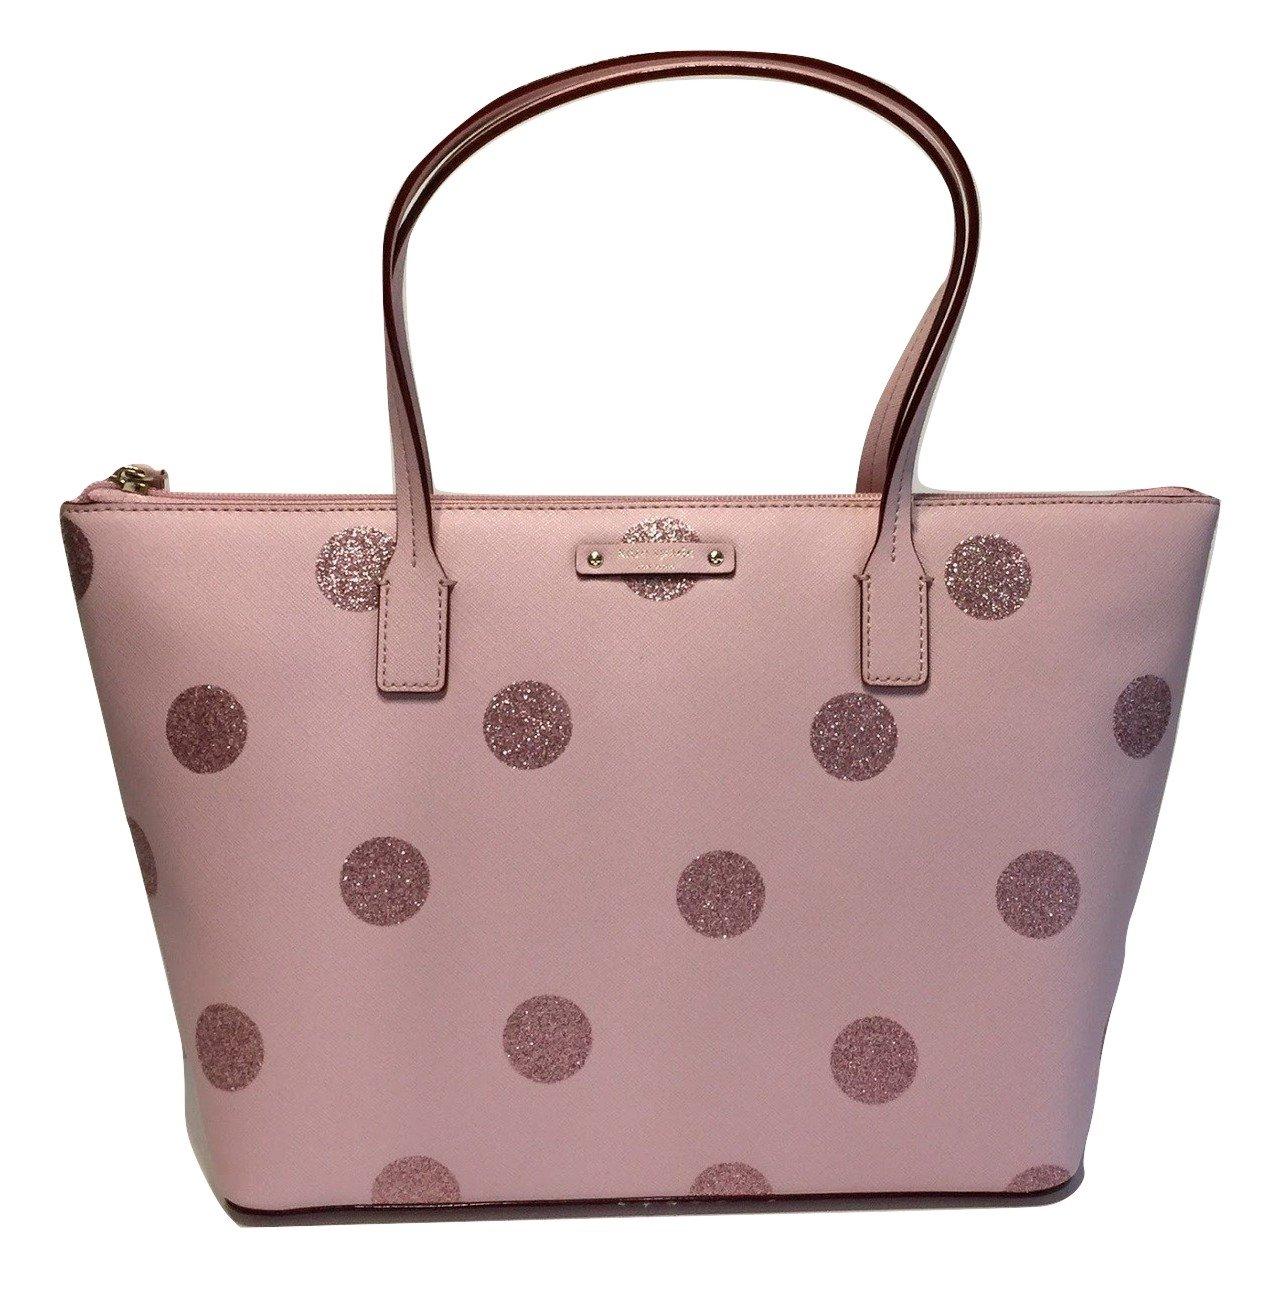 Kate Spade New York Haven Lane Hani Shoulder Handbag (Ballet Slippers Polka Dot Glitter)